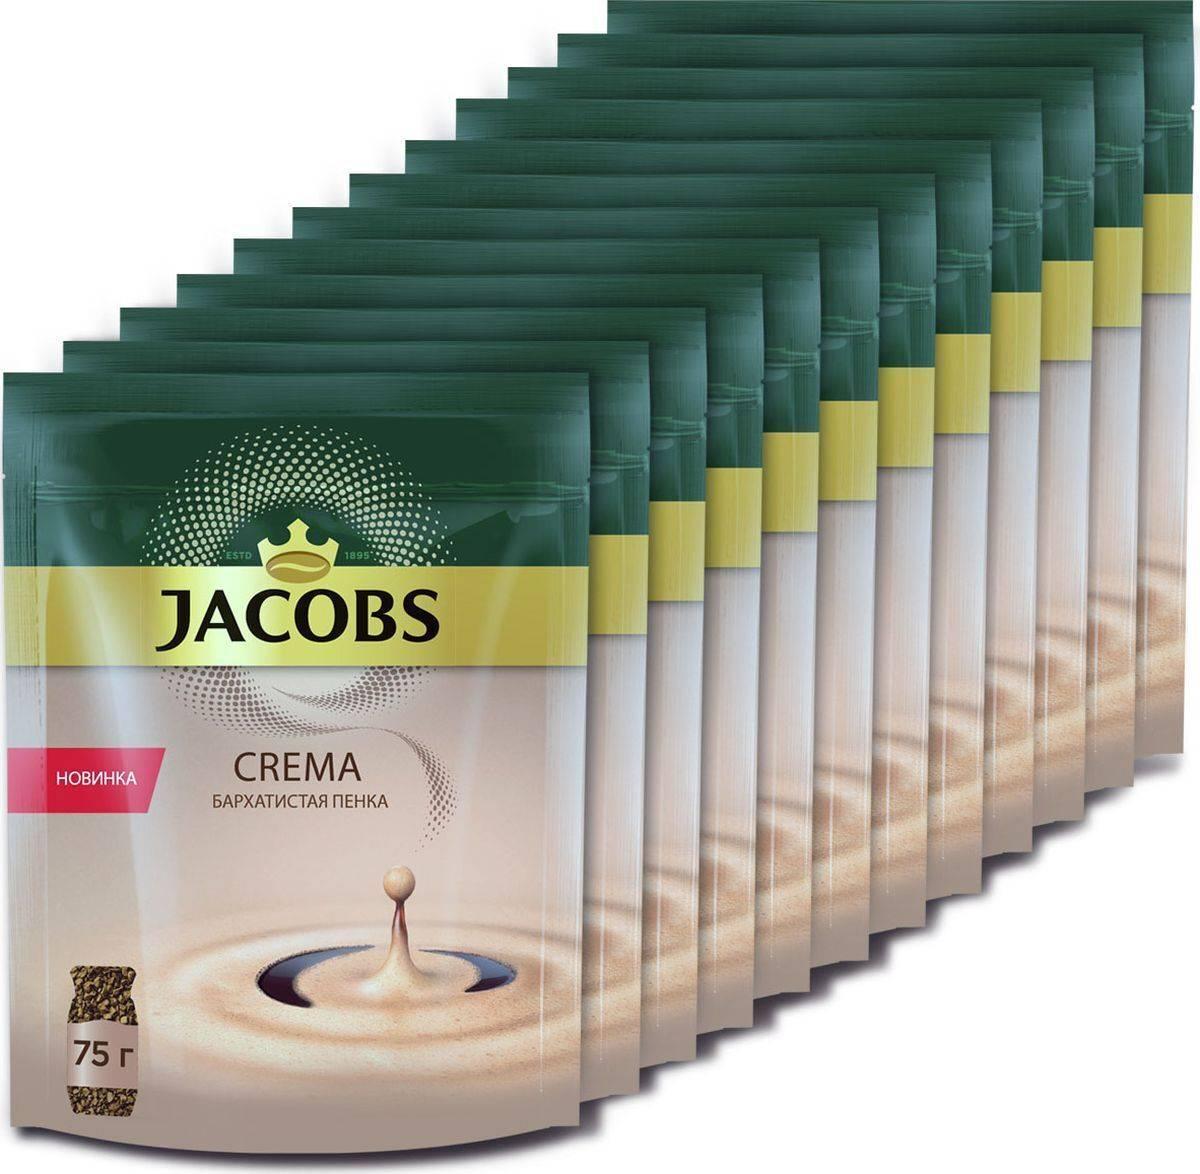 Сублимированный кофе рецепт с фото